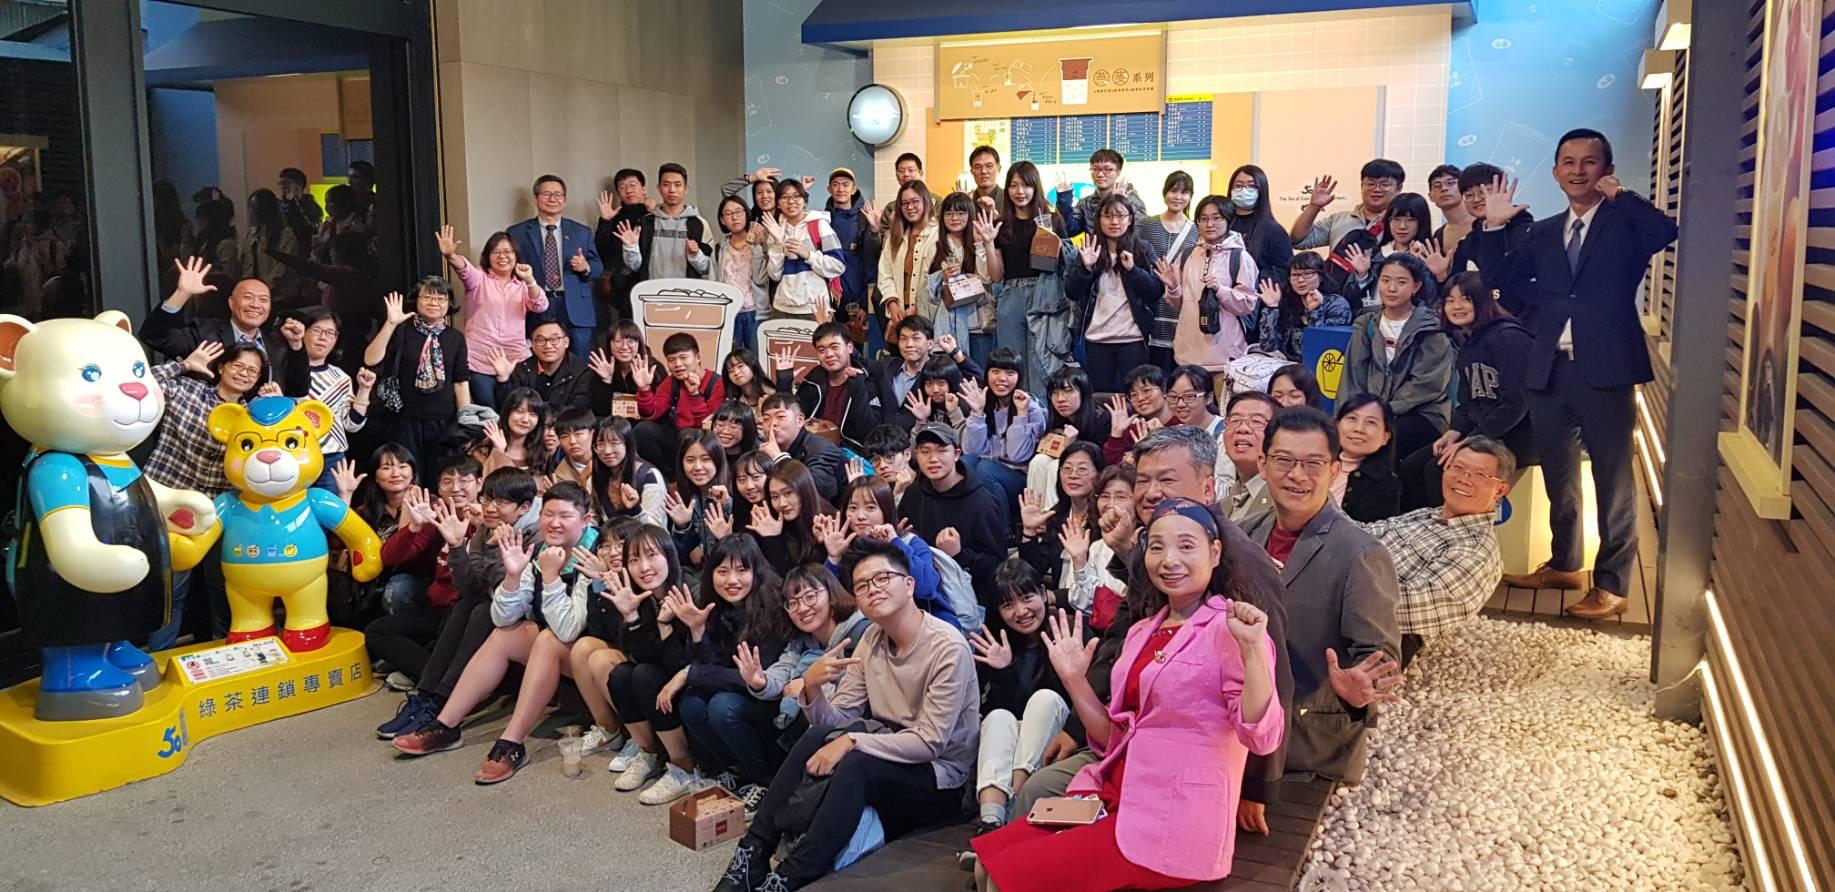 2019師友計畫暨職涯大使企業參訪-雅嵐股份有限公司(50嵐總部)